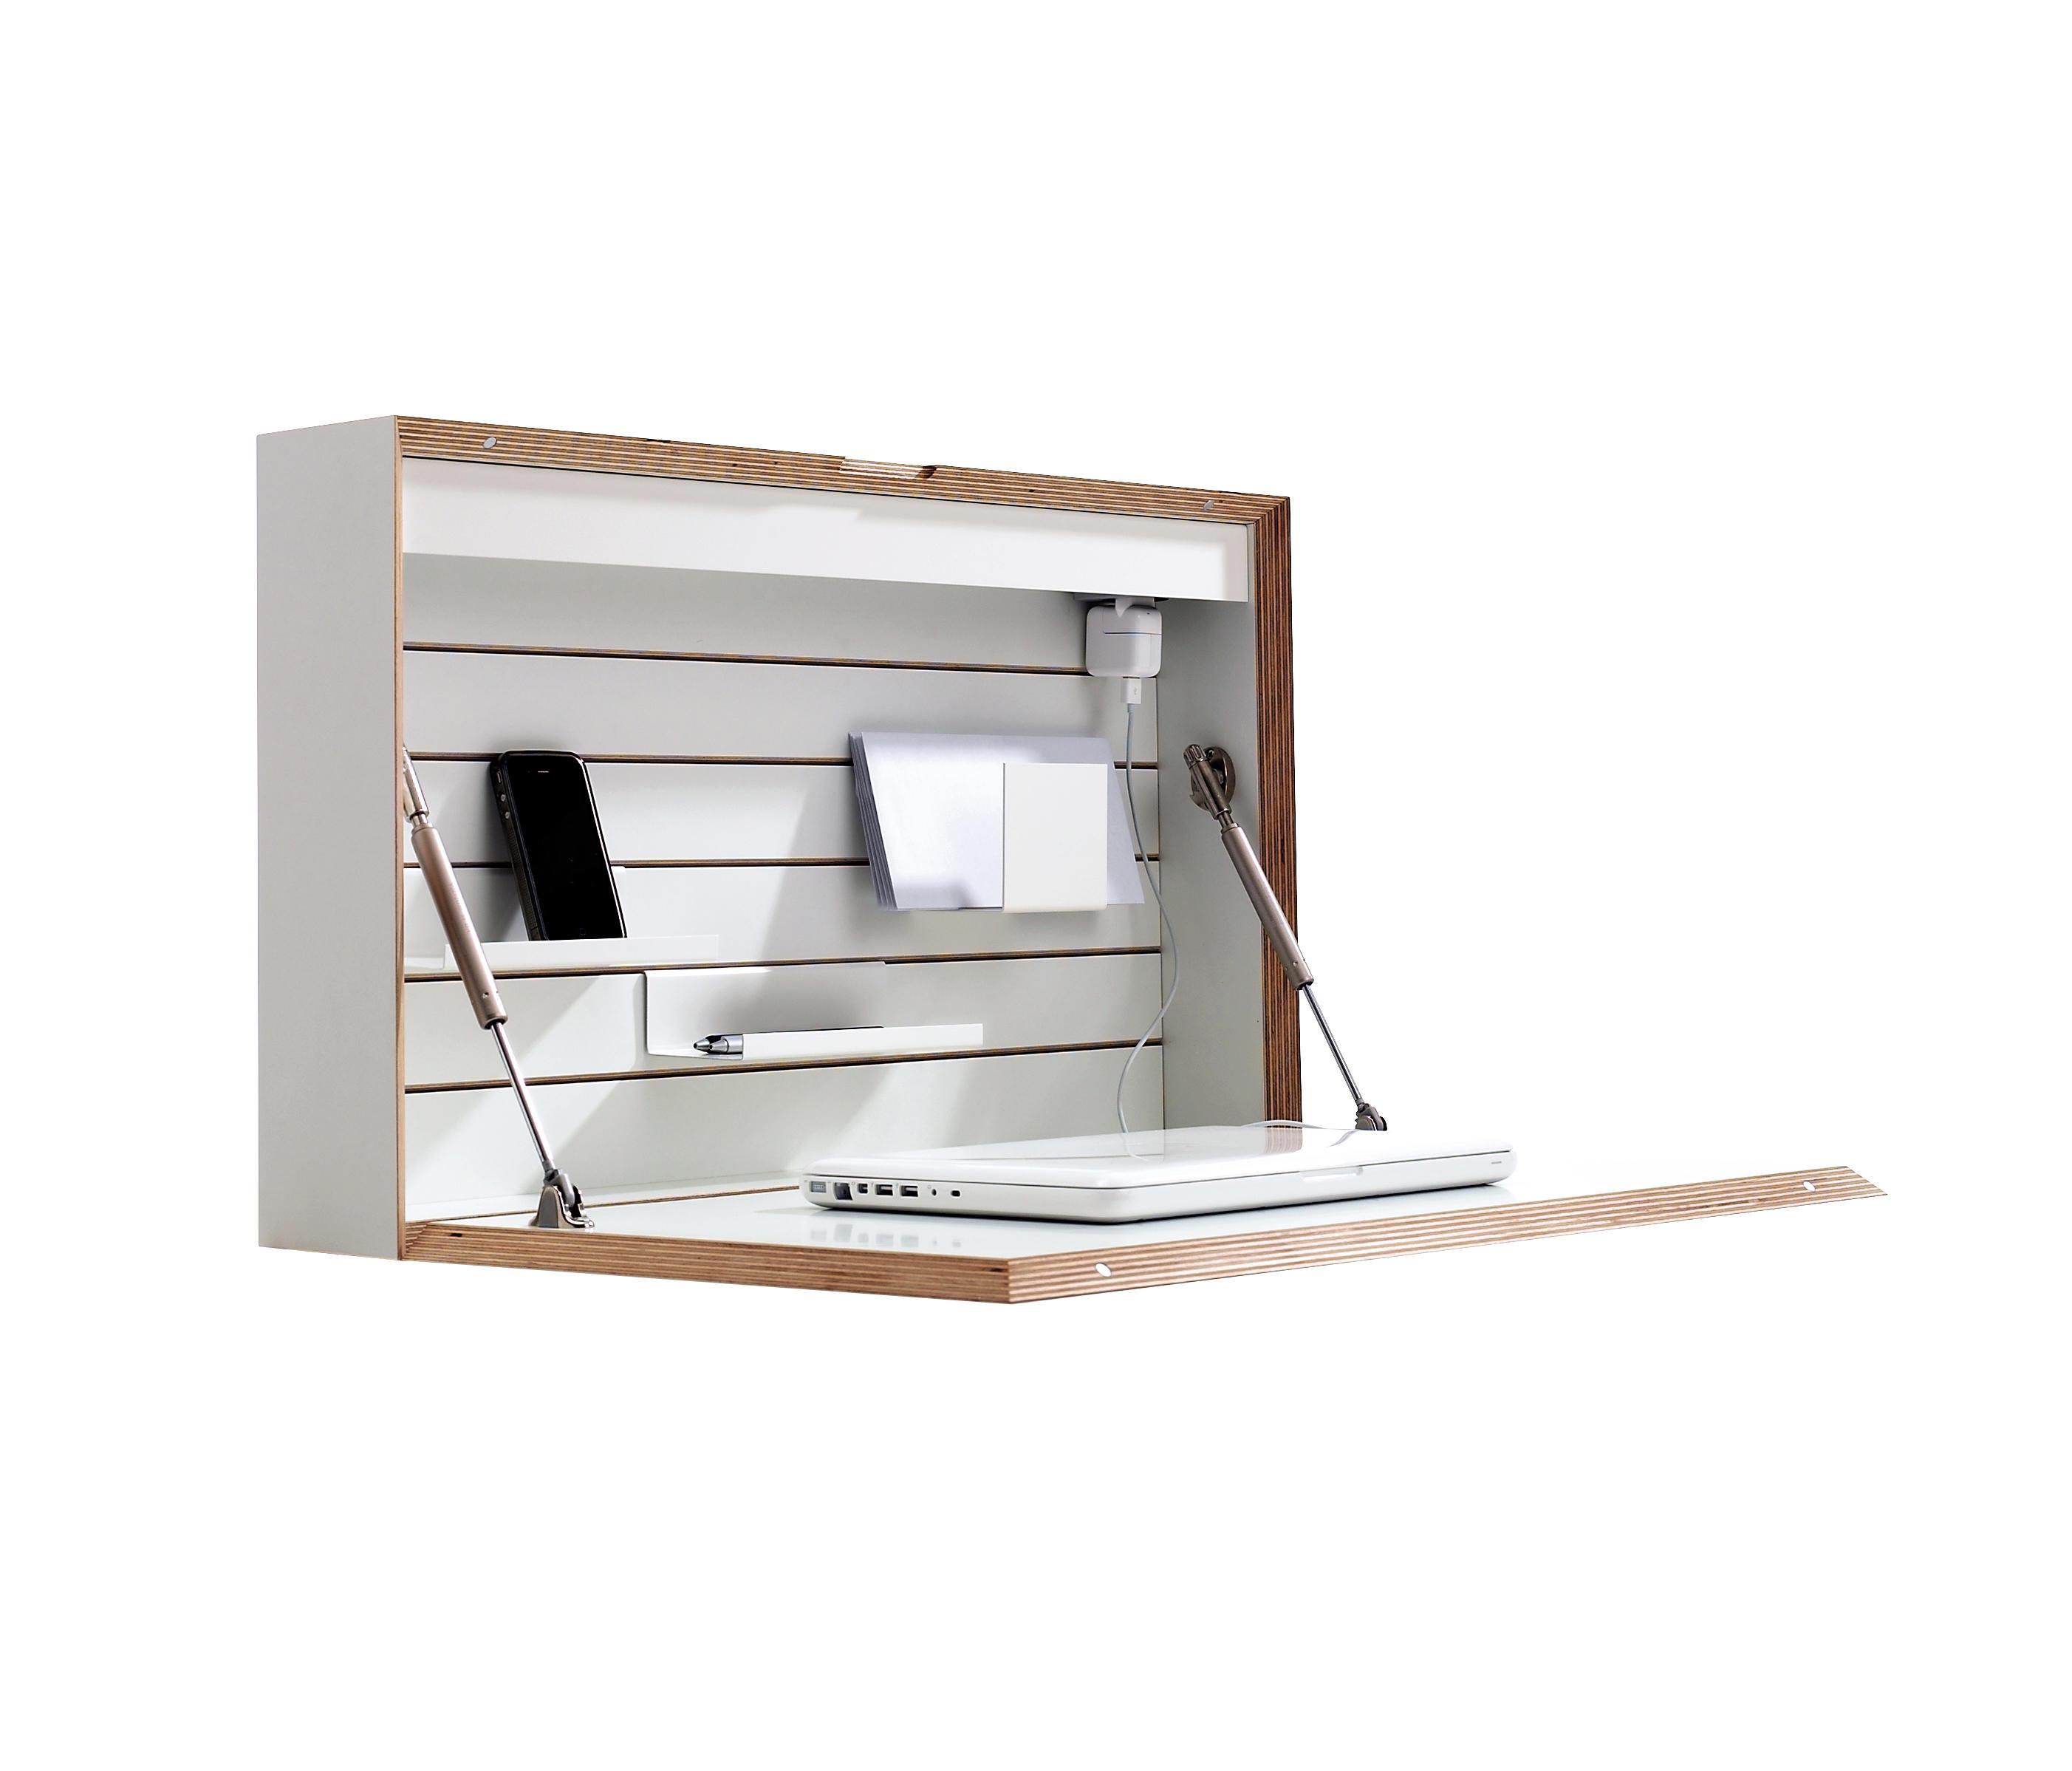 FLATBOX - Regale von Müller Möbelwerkstätten | Architonic